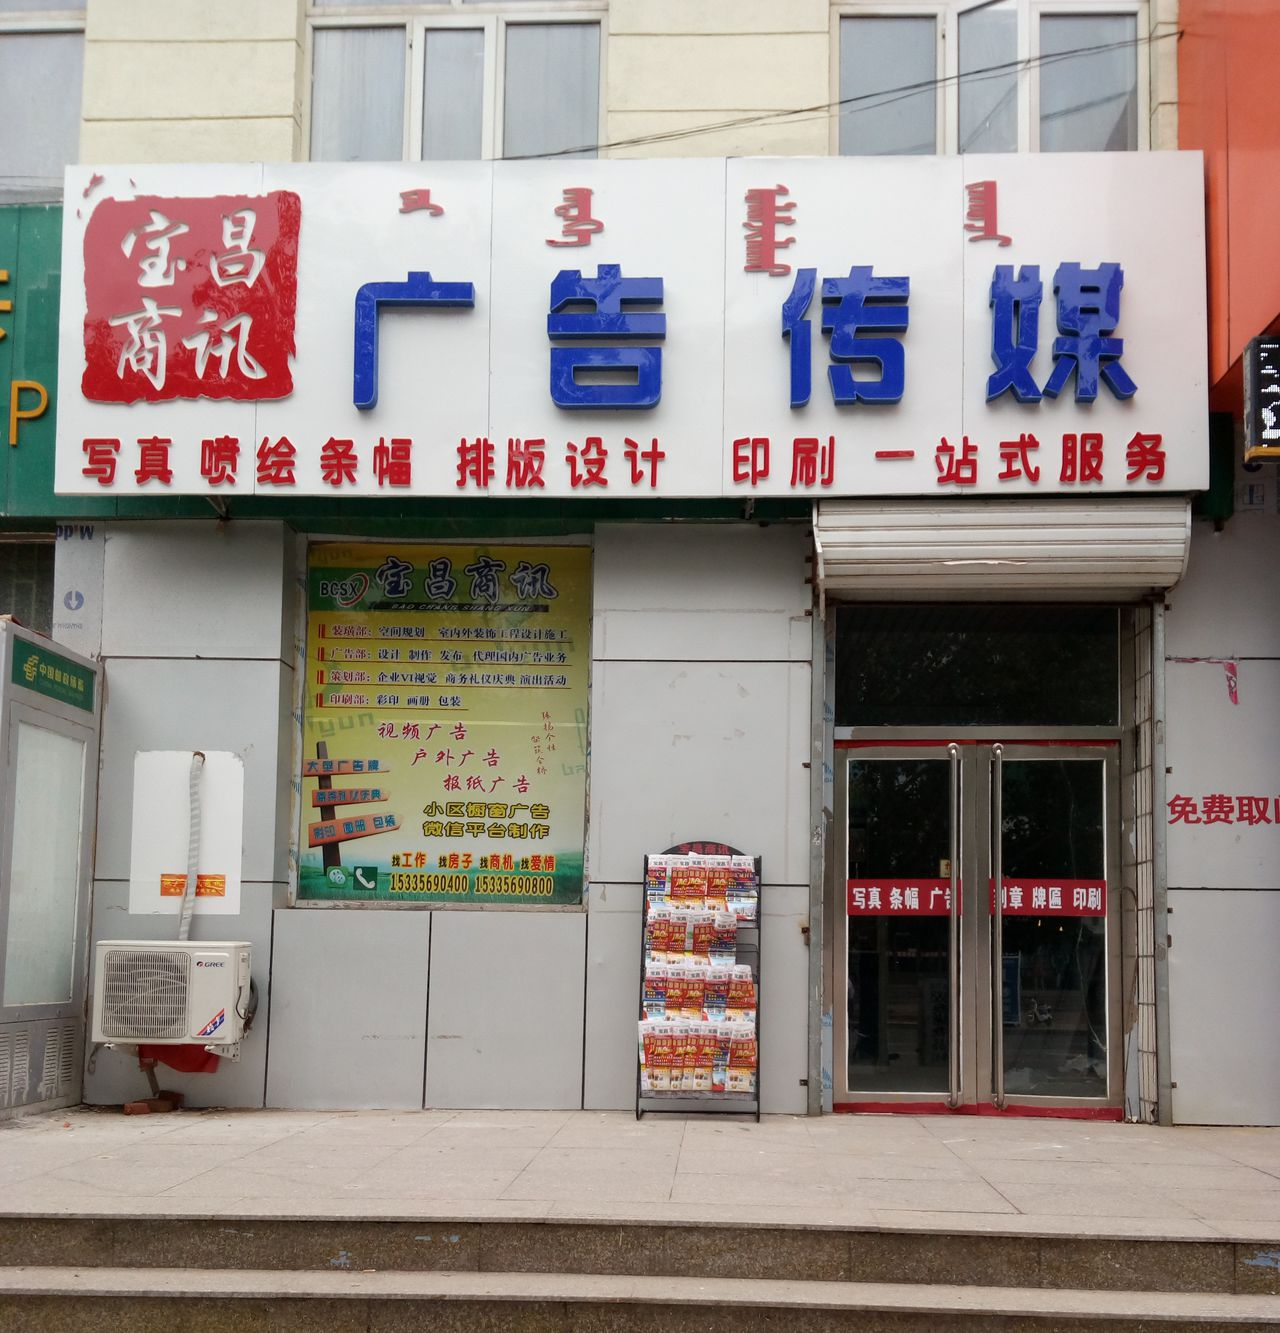 太仆寺旗新思维广告传媒有限公司图片